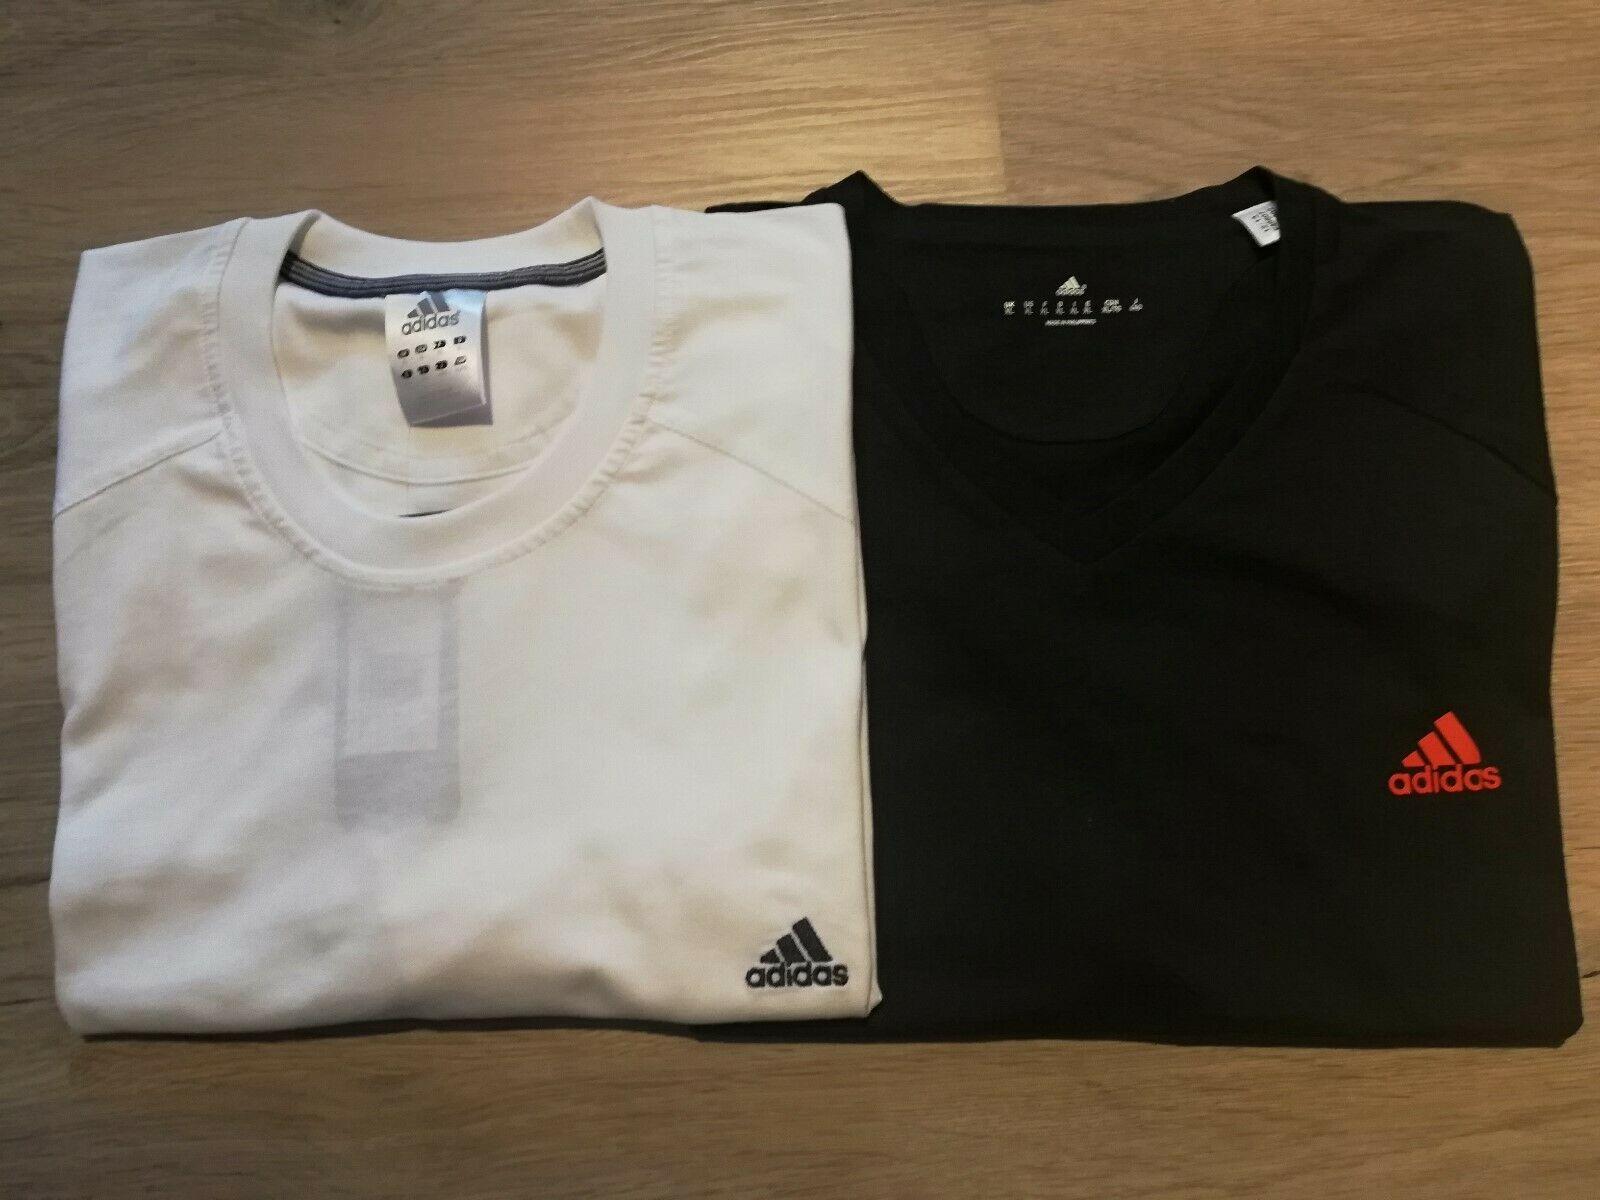 reputable site 4afb4 ec52b Adidas T-Shirts Set Herren schwarz weiss Shirt Männer Oberteil Sport NEU!